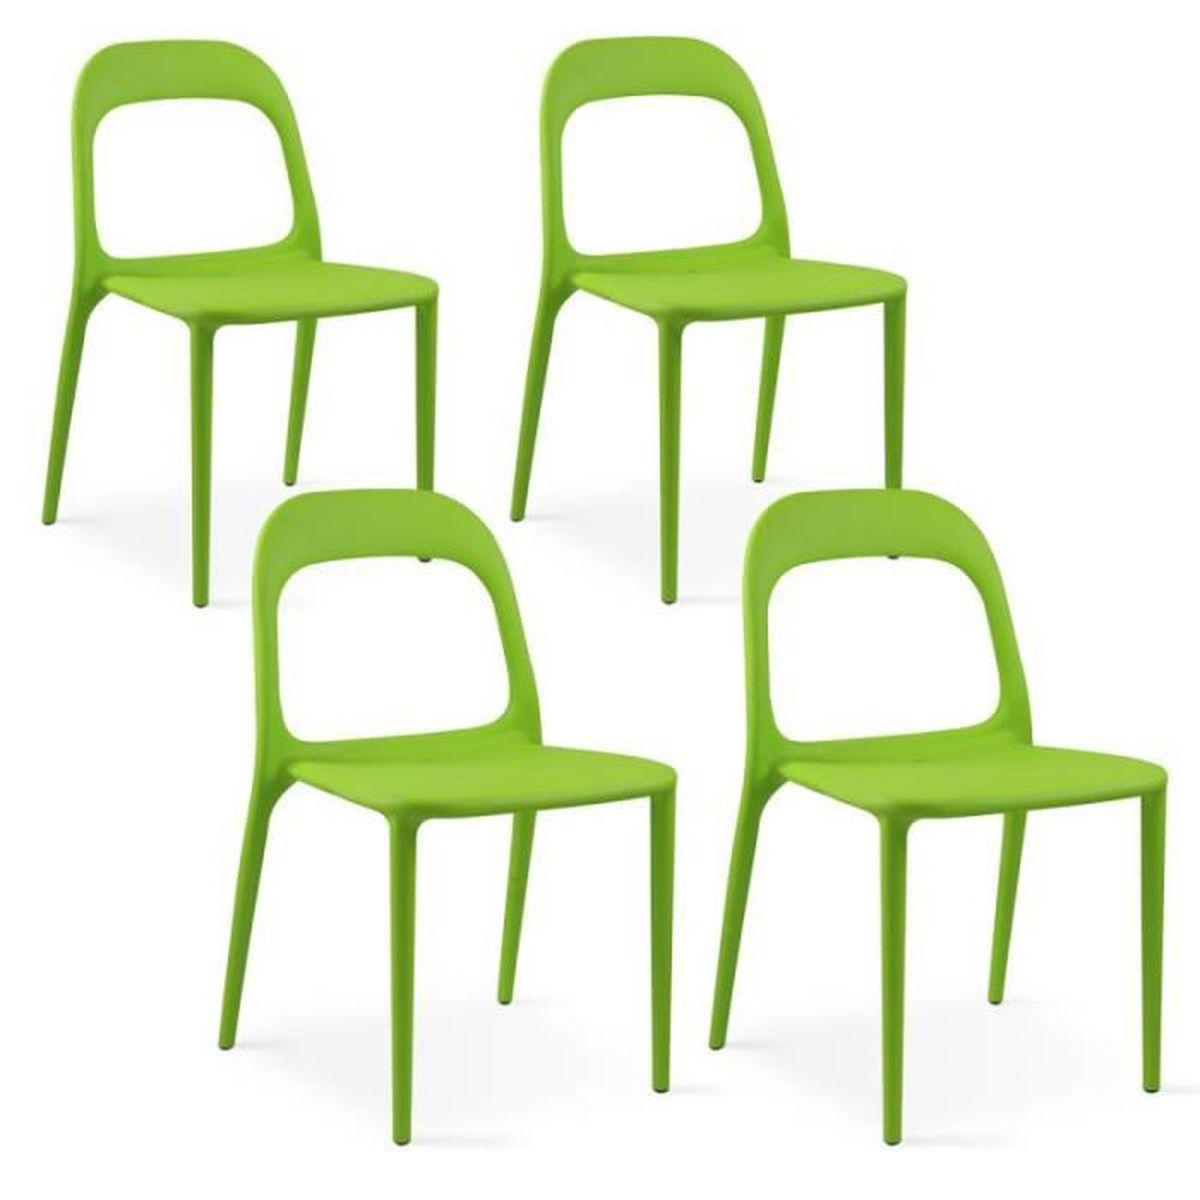 fauteuil jardin chaise en plastique vert extrieur - Fauteuil Exterieur Plastique